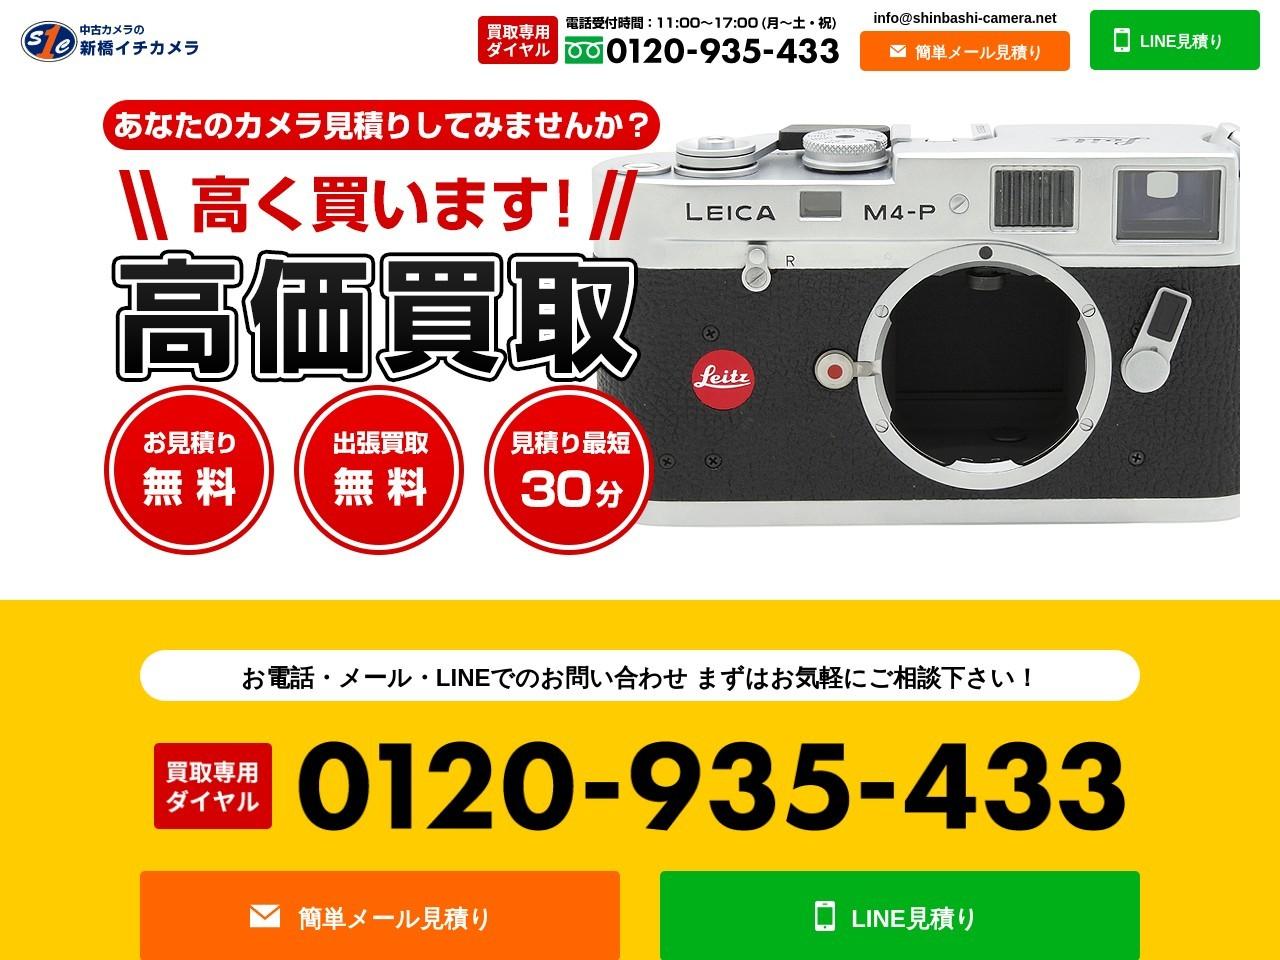 中古カメラ新橋イチカメラ